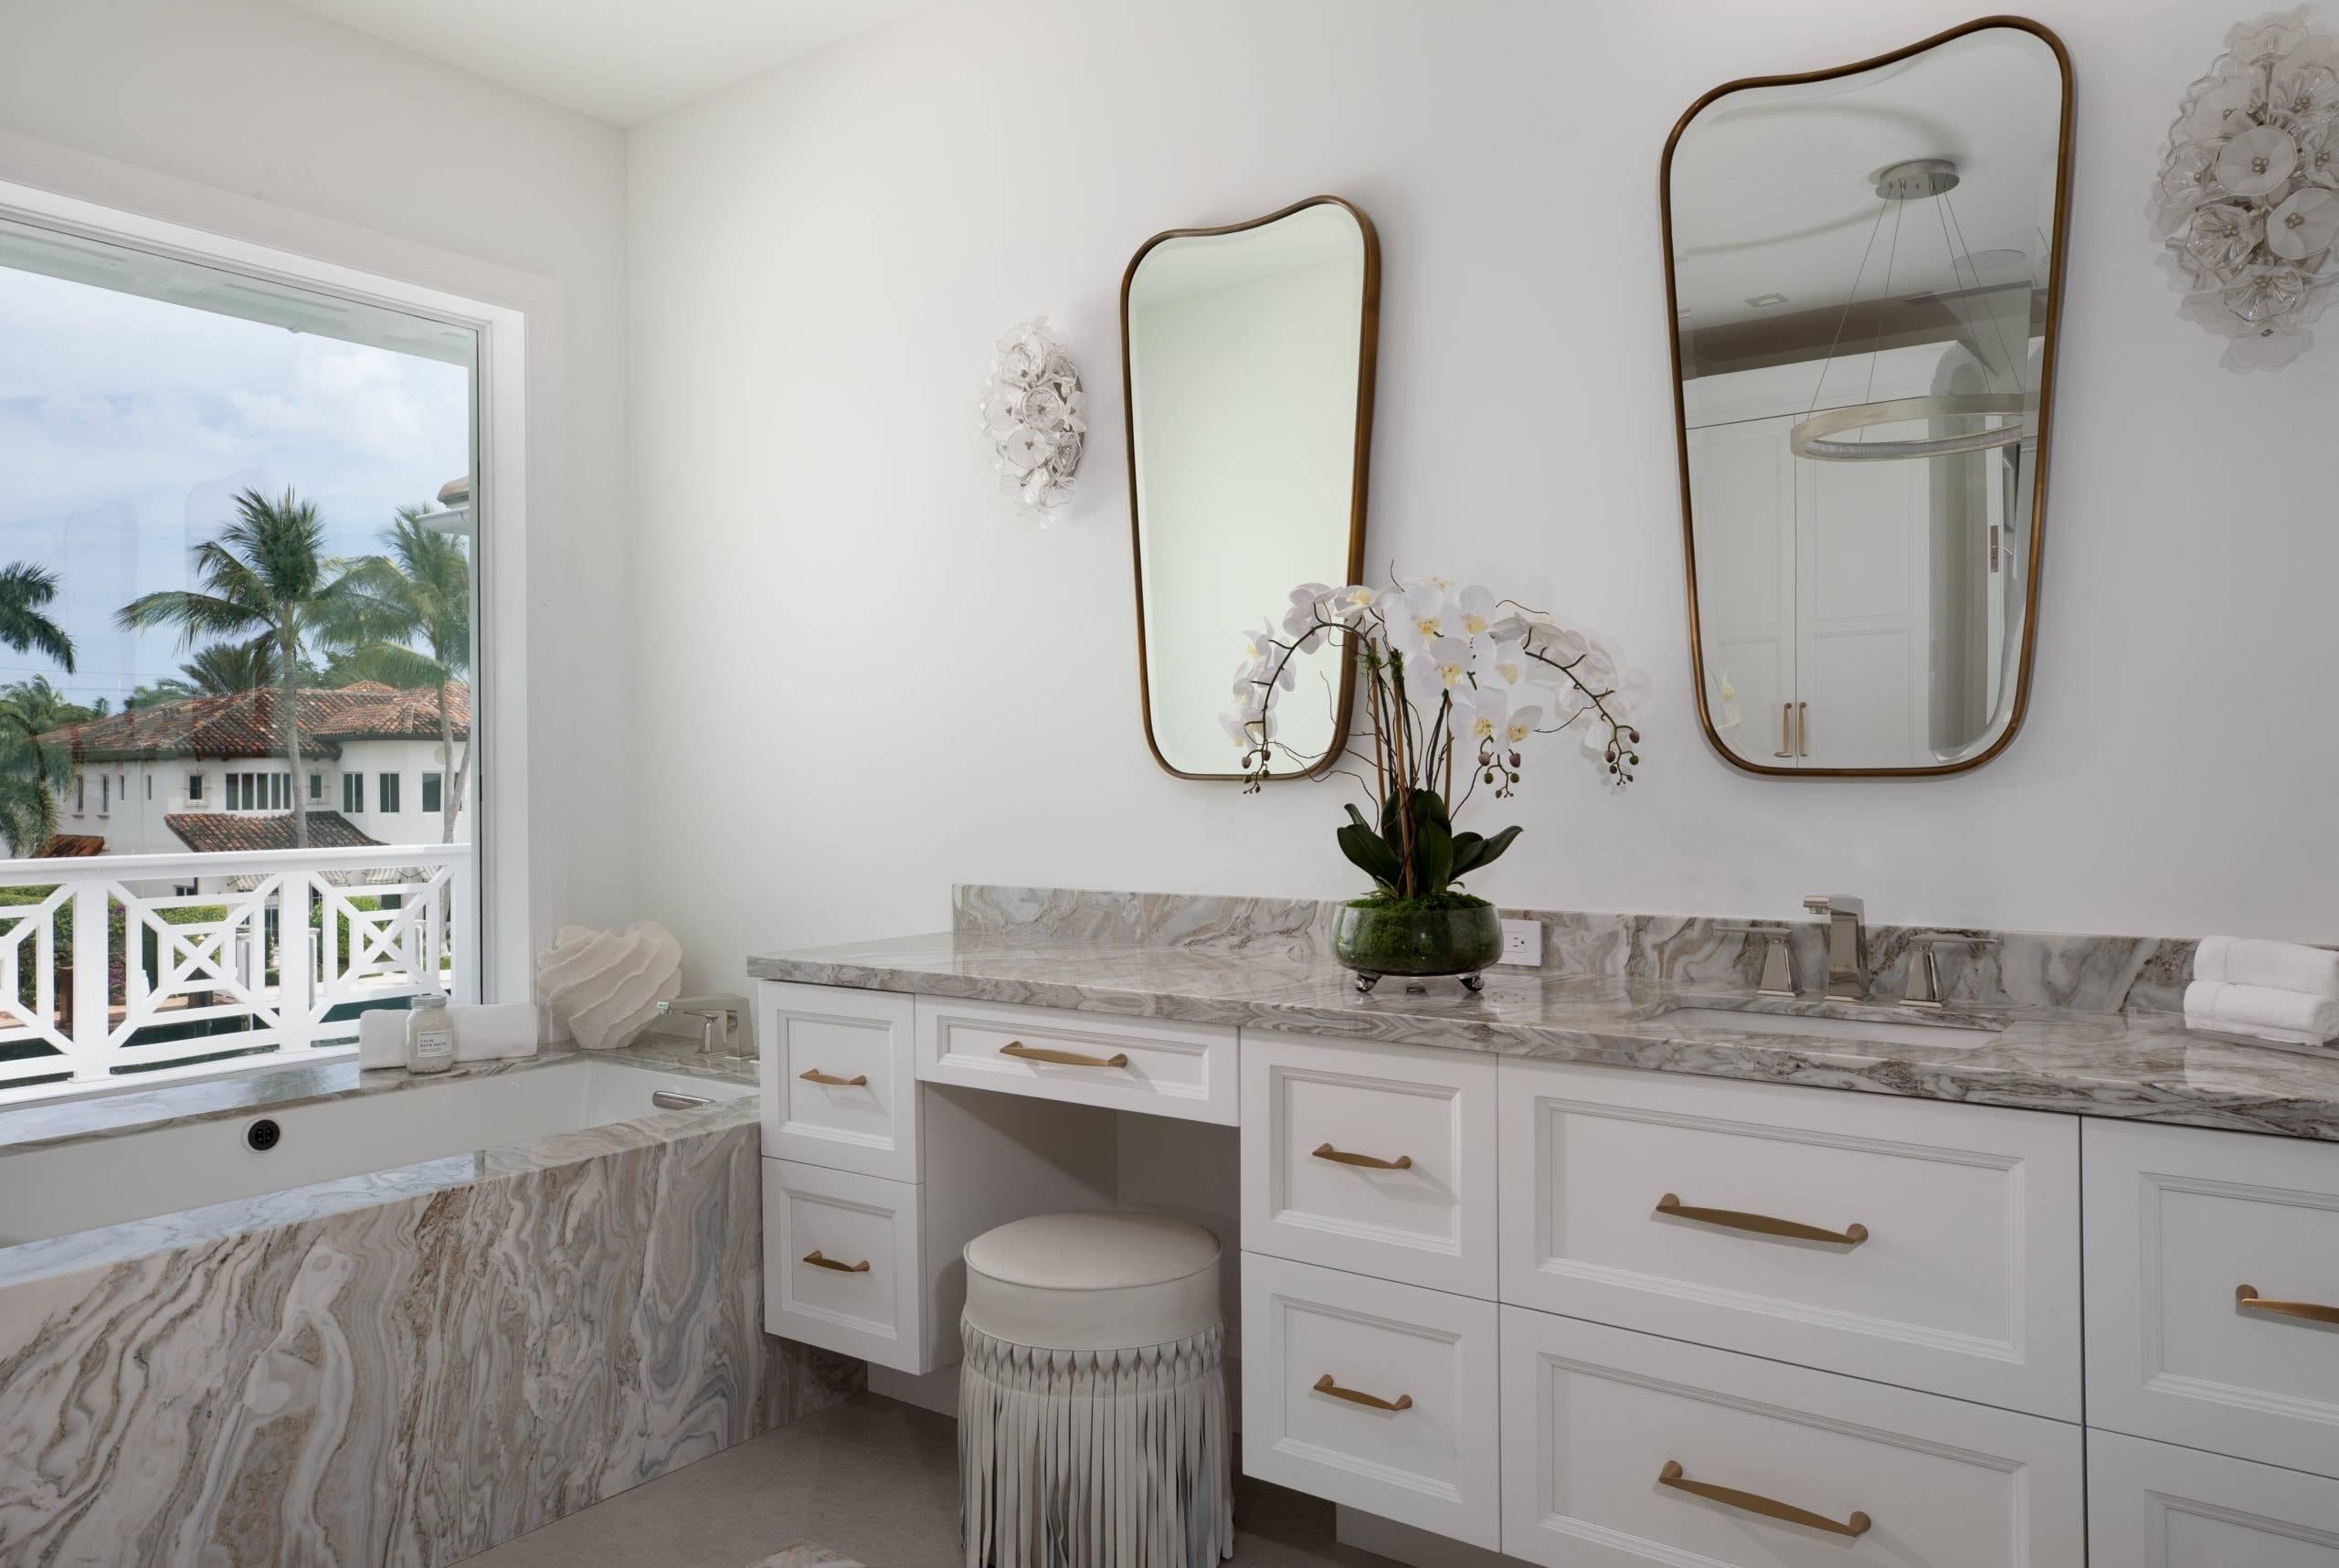 Avalanche Master Bathroom Scaled, Primestones® Granite, Quartz, Marble